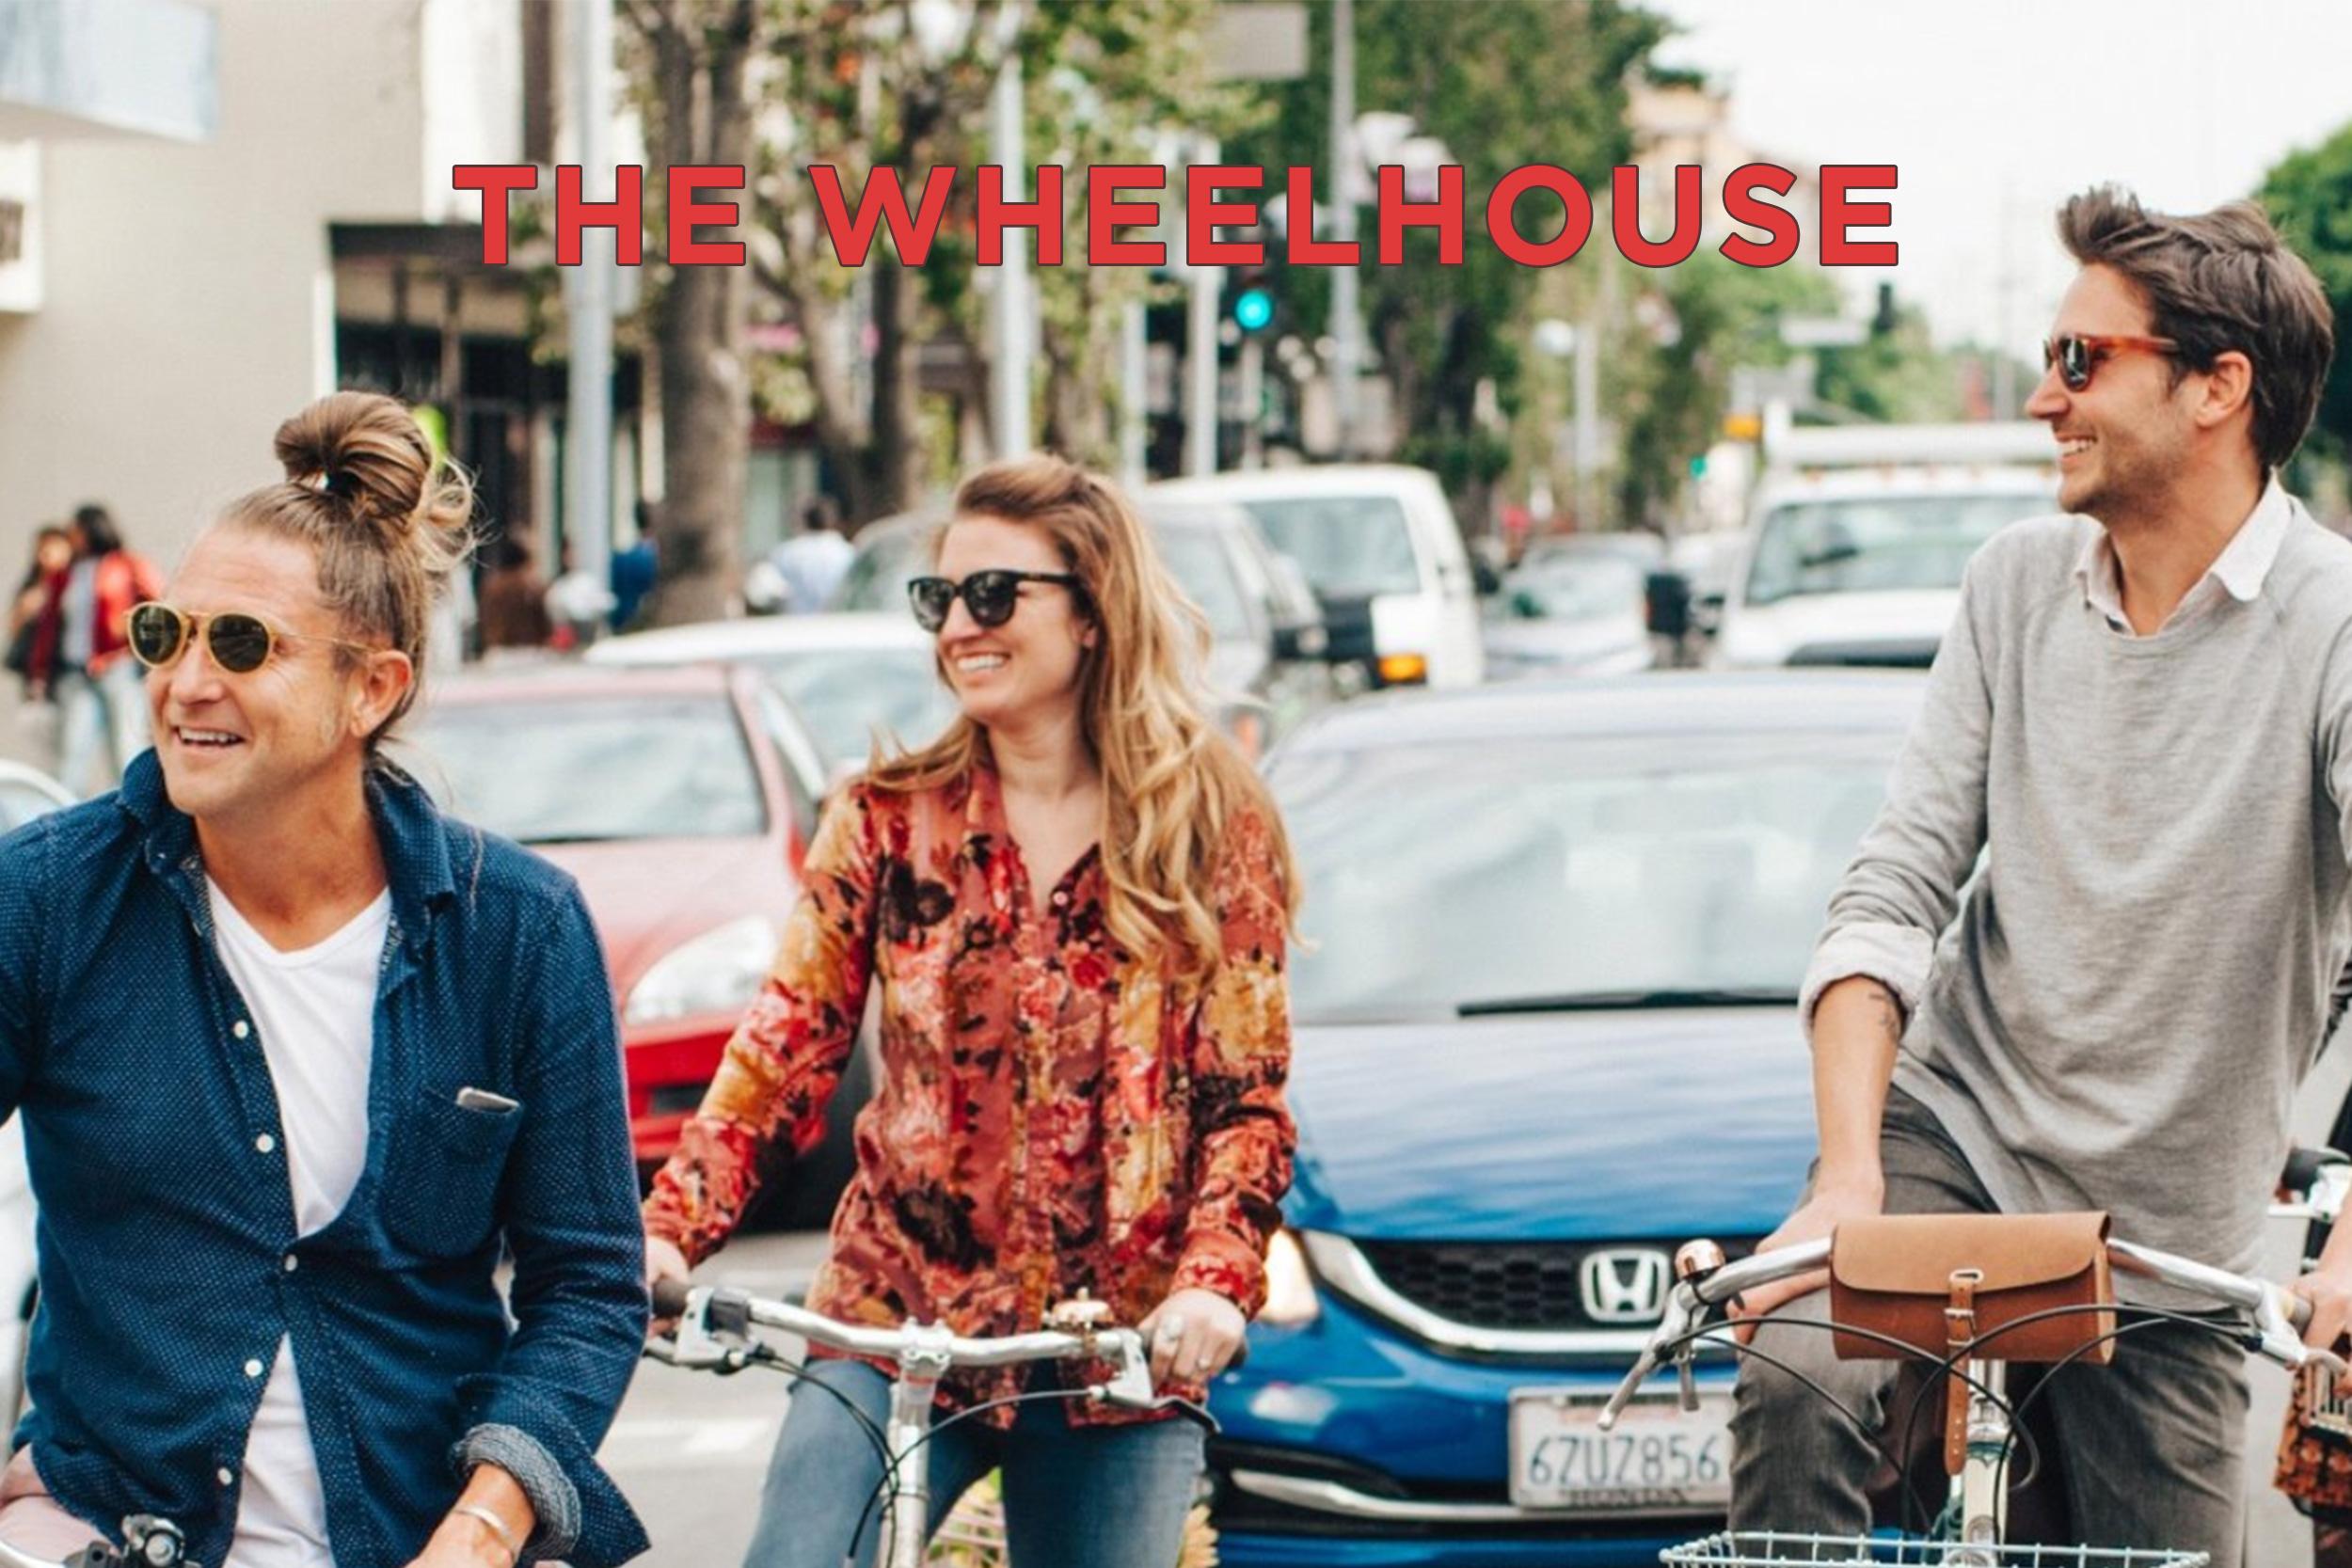 The-Wheelhouse-Thumb-v1.jpg